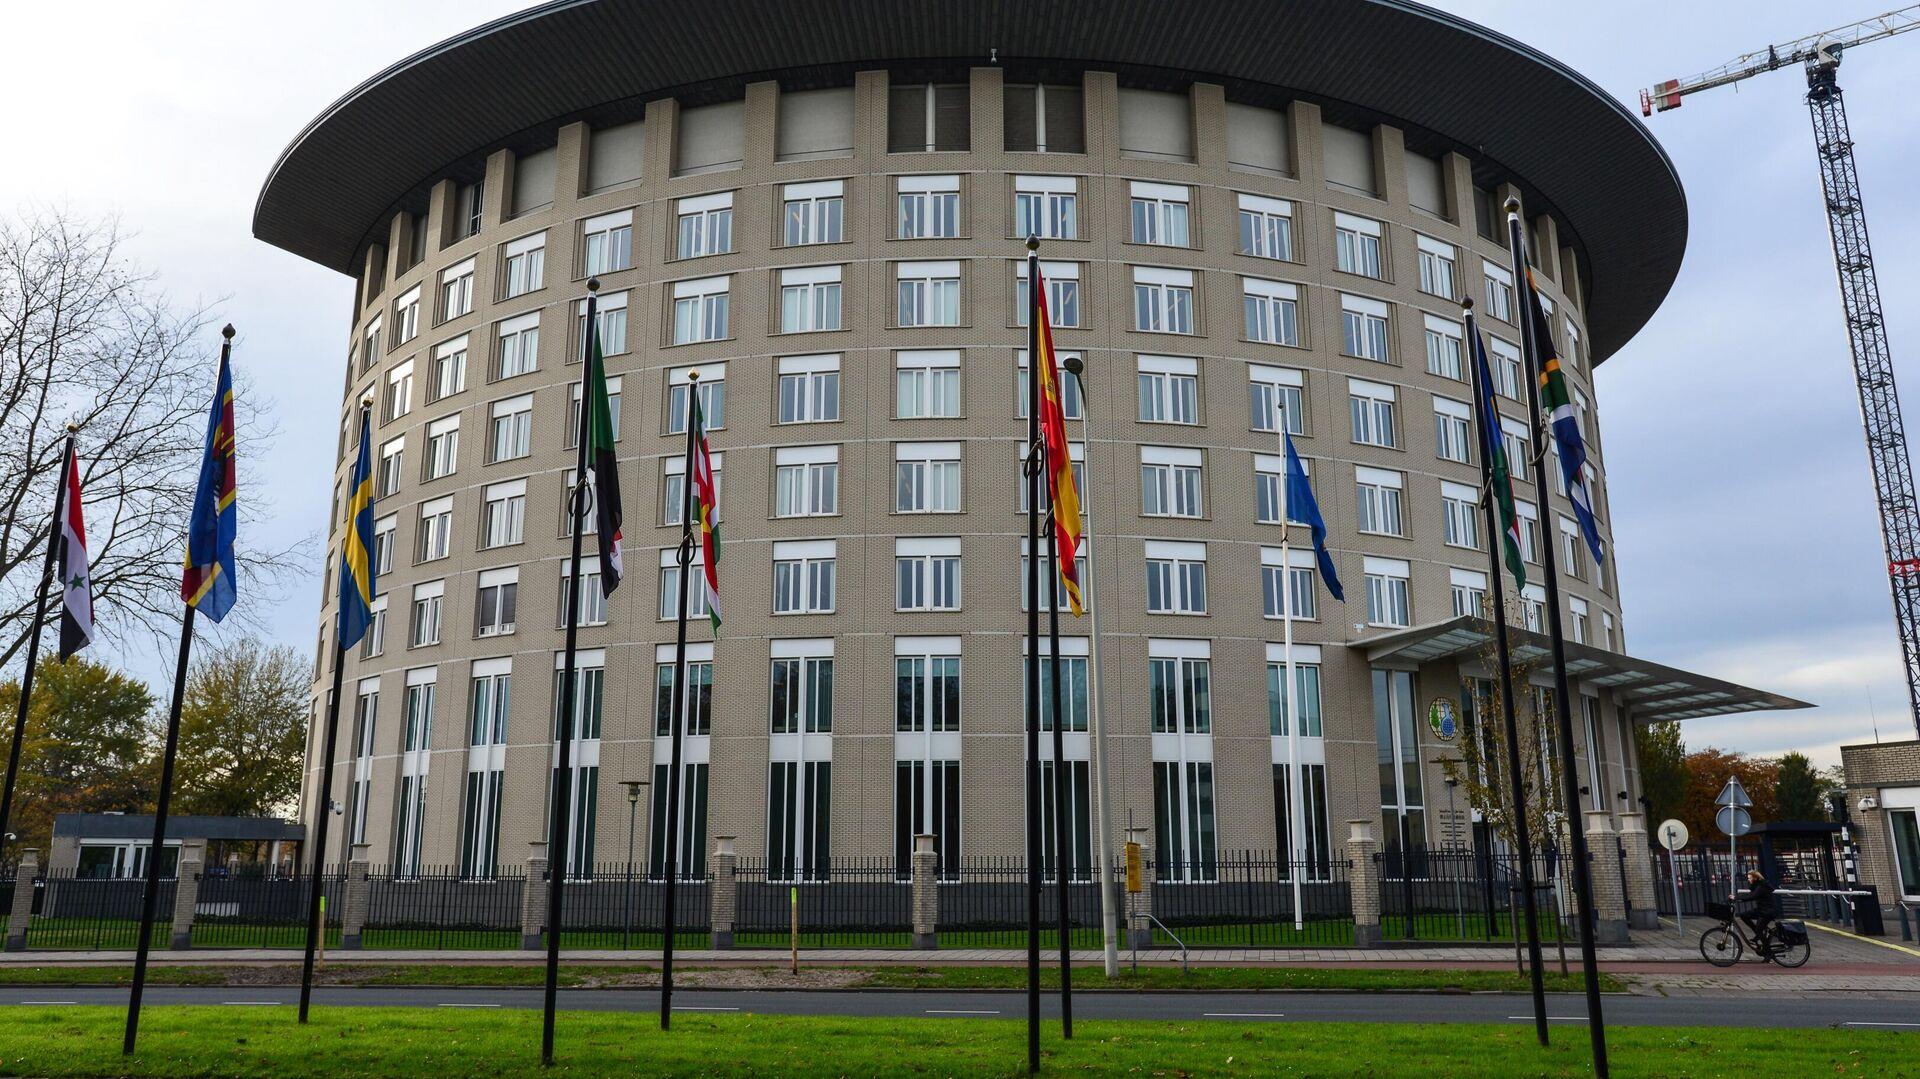 Вид на здание Организации по запрещению химического оружия в Гааге - РИА Новости, 1920, 30.11.2020